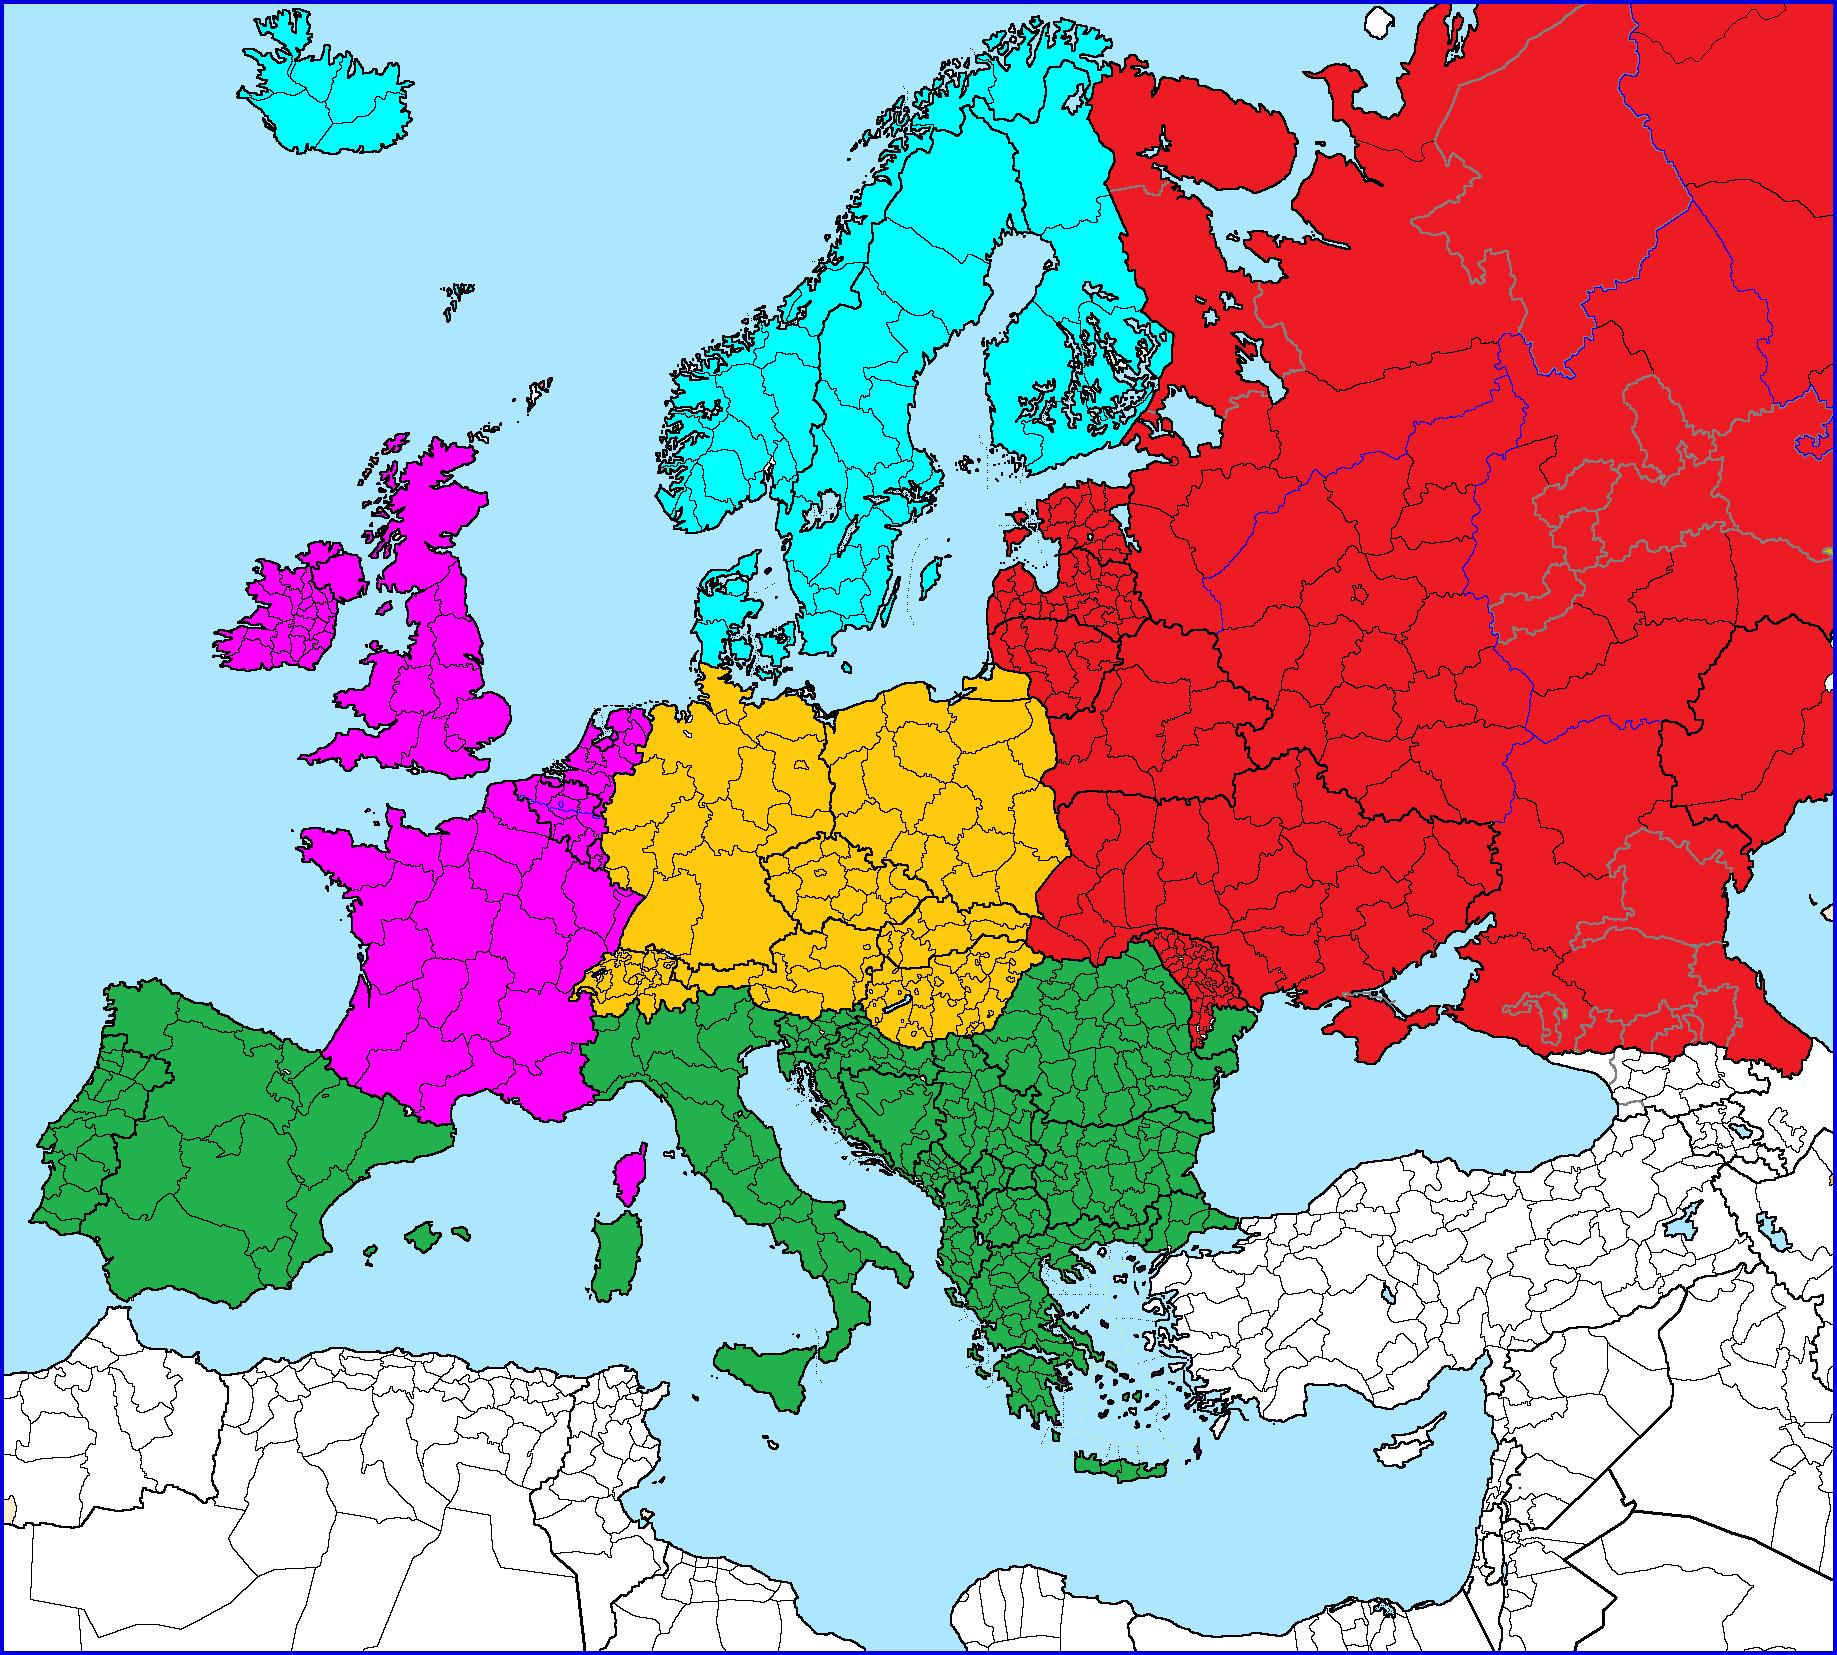 德国,比利时,意大利,希腊四国都属于欧洲西部哪个重要的区17图片